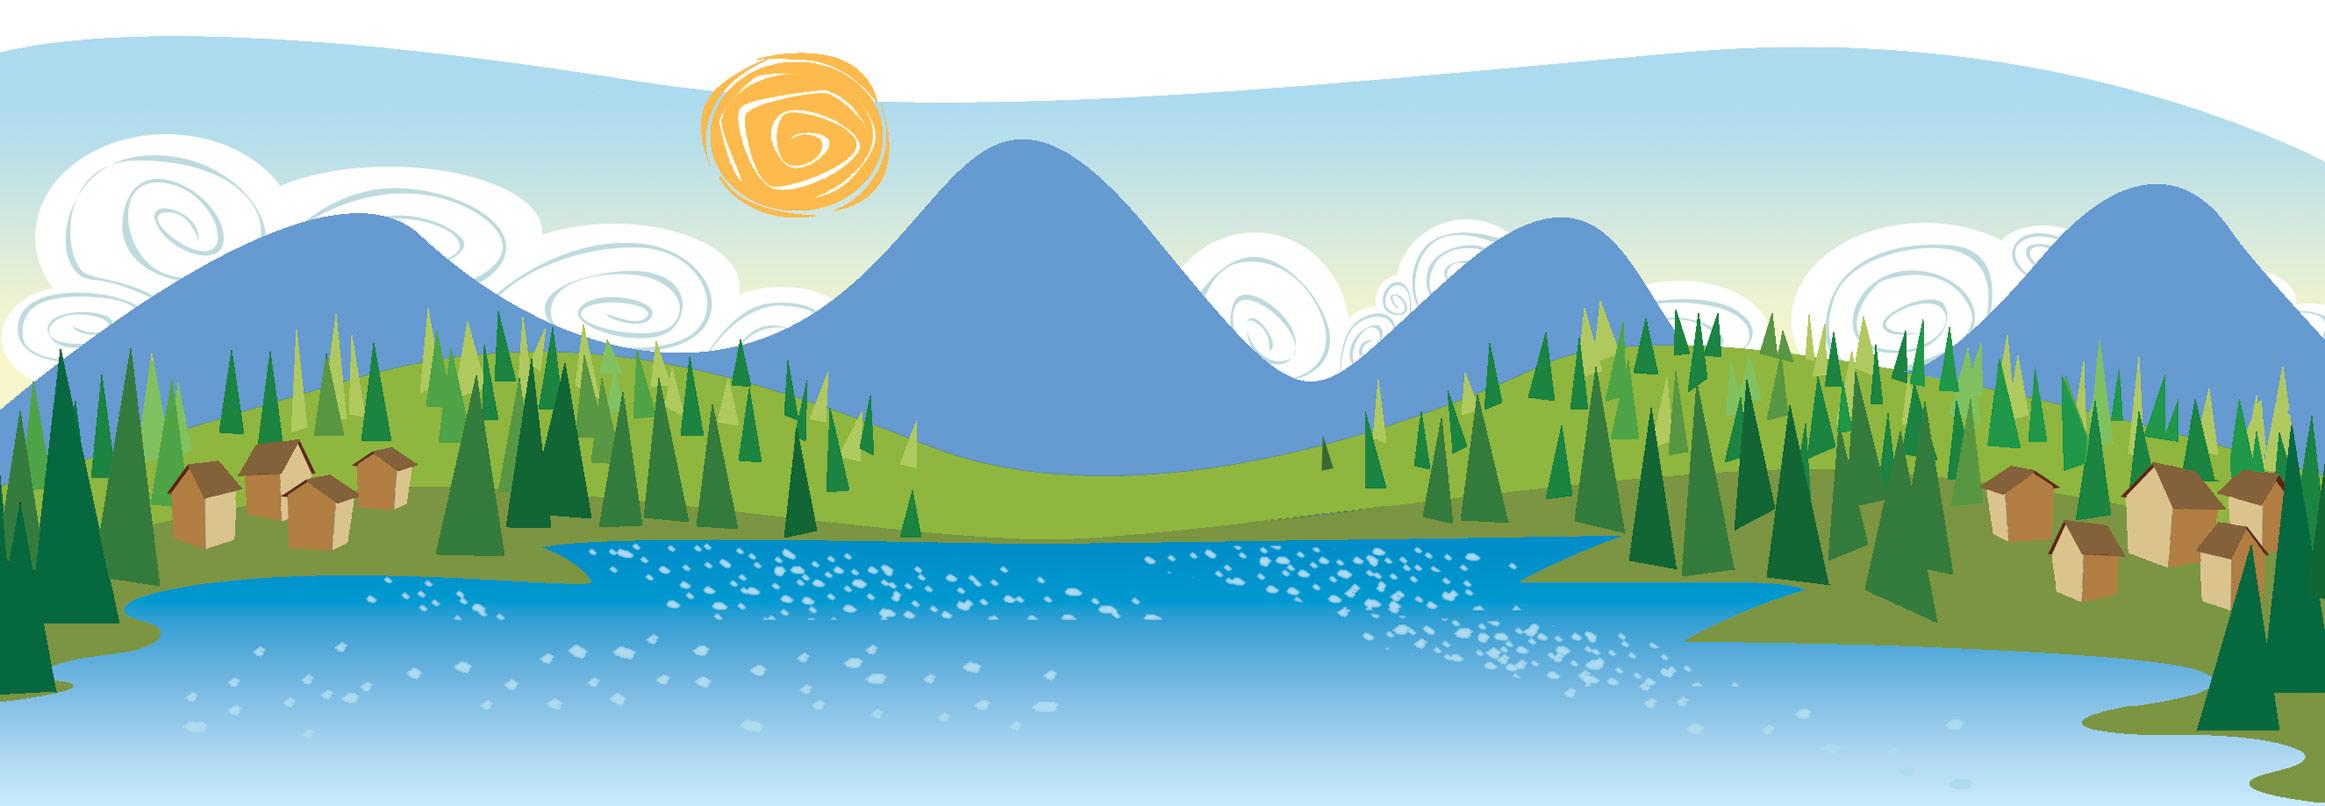 Landscape clipart Clip Free landscape%20clipart Free Images